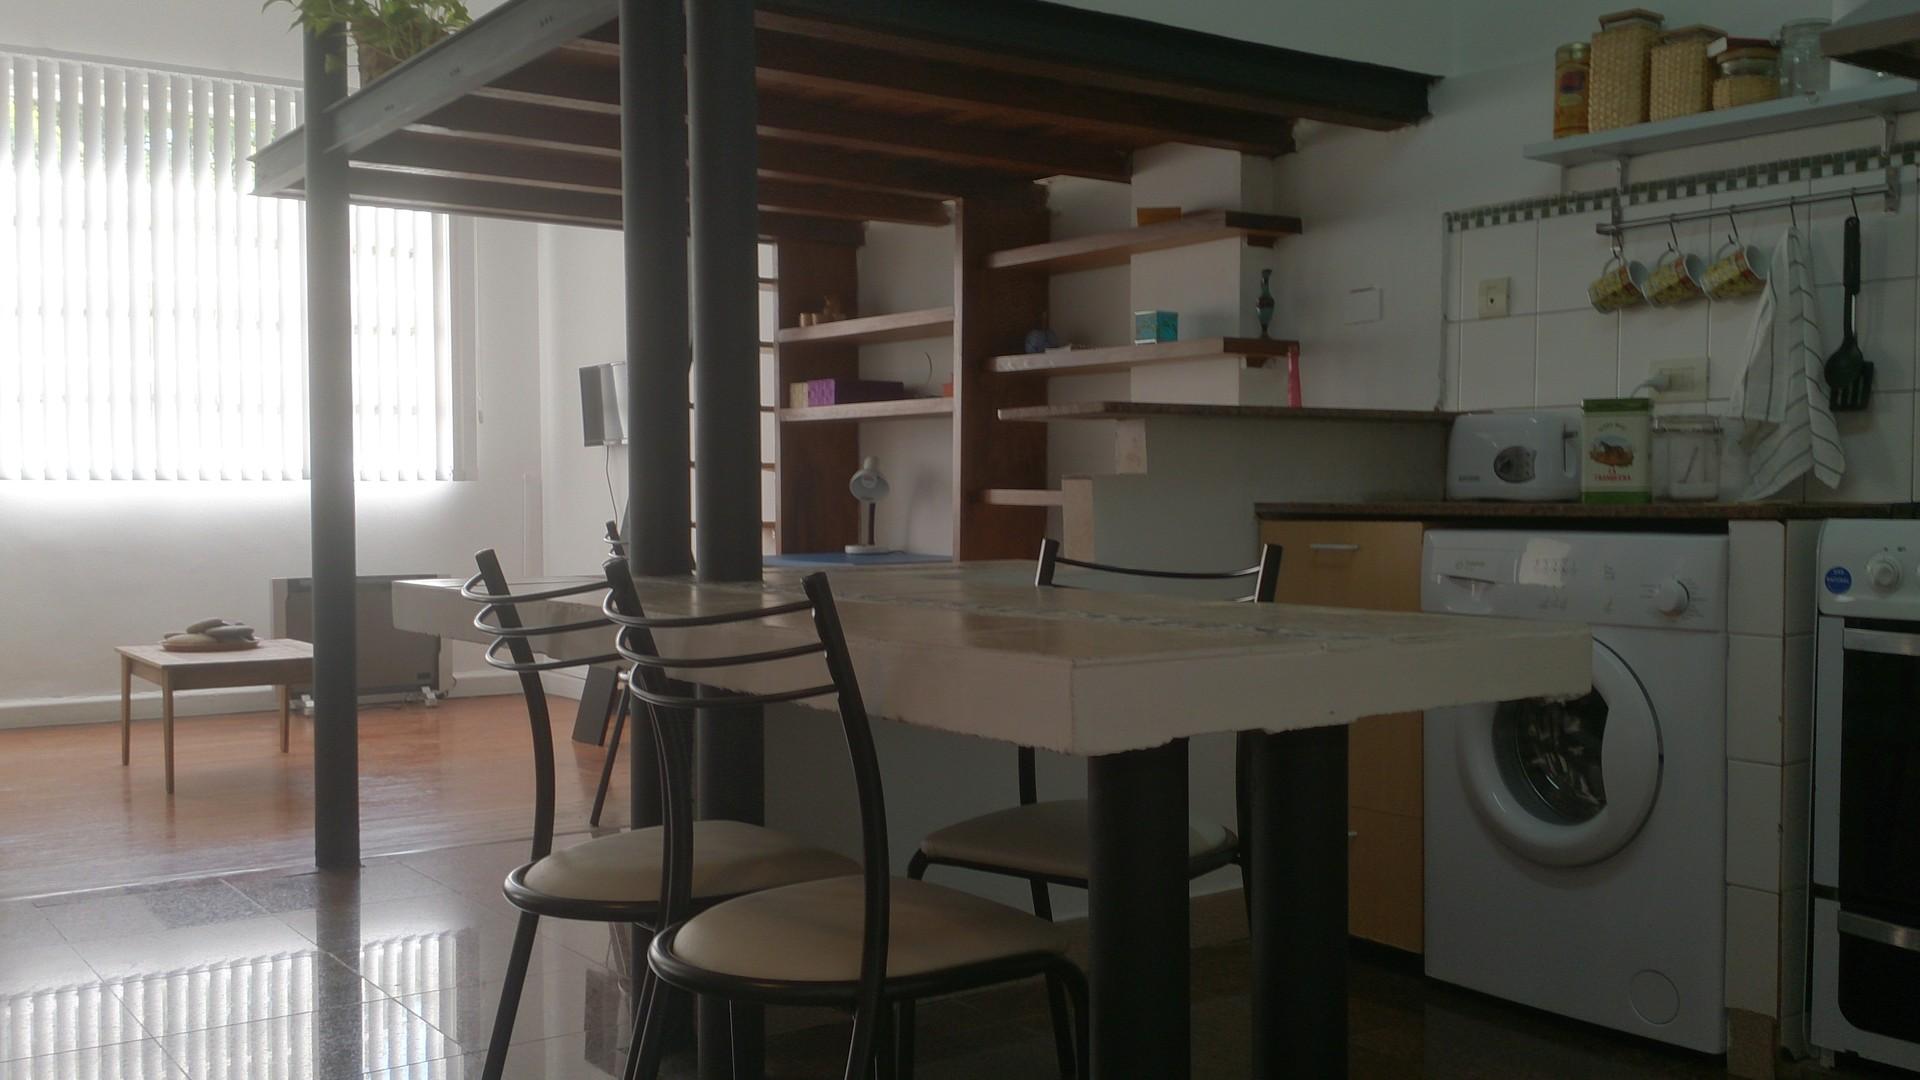 Apartamento de 60m2 tipo loft muy luminoso y c lido - Apartamento tipo loft ...